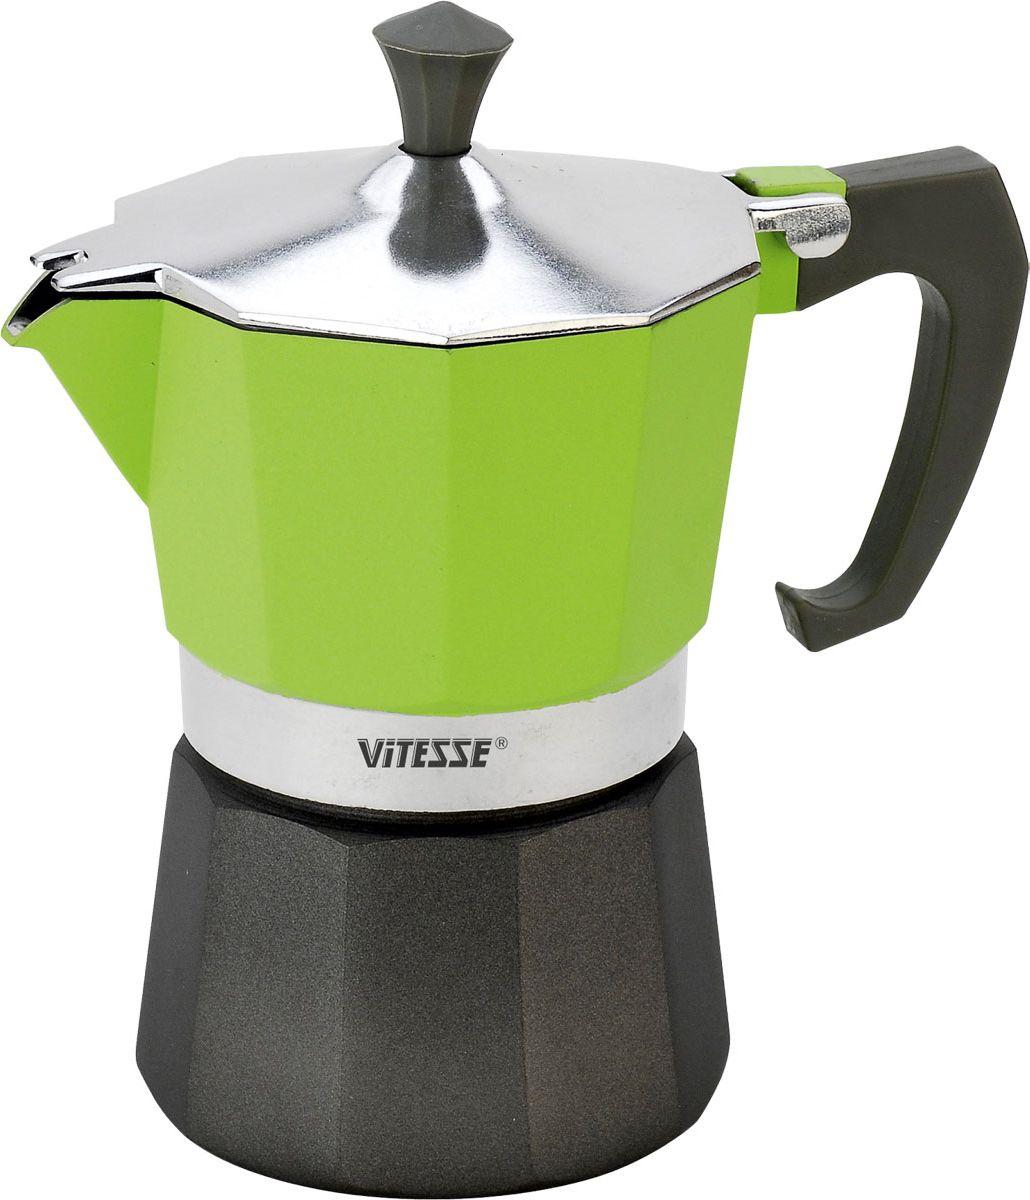 Кофеварка-эспрессо Vitesse на 3 чашки, цвет: зеленыйVS-2604-greenТеперь и дома вы сможете насладиться великолепным эспрессо благодаря кофеварке Vitesse, которая позволит вам приготовить ароматный напиток на 3 персоны. Новый стильный дизайн компактной кофеварки станет ярким элементом интерьера вашего дома!Корпус кофеварки изготовлен из высококачественного алюминия, ручка - жаропрочная бакелитовая. Кофеварка состоит из двух соединенных между собой емкостей. В нижнюю емкость наливается вода, в эту же емкость устанавливается фильтр-сифон, в который засыпается кофе. К нижней емкости прикручивается верхняя емкость, после чего кофеварка ставится на электроплитку, и через несколько минут кофе начинает брызгать в верхний контейнер и осаждаться. Кофе получается крепкий и насыщенный.Инструкция по эксплуатации кофеварки прилагается. Можно мыть в посудомоечной машине. Характеристики:Материал:высококачественный алюминий, пластик. Высота кофеварки:15,5 см. Диаметр кофеварки по верхнему краю:8,5 см. Диаметр основания:9 см.Рабочий объем: 105 мл.Размер упаковки:16,5 см х 13,5 см х 10 см.Изготовитель:Китай. Артикул:VS-2604. Посуда Vitesse обладает выдающимися функциональными свойствами. Легкие в уходе кастрюли и сковородки имеют плотно закрывающиеся крышки, которые дают возможность готовить с малым количеством воды и экономией энергии, и идеально подходят для всех видов плит: газовых, электрических, стеклокерамических и индукционных. Конструкция дна посуды гарантирует быстрое поглощение тепла, его равномерное распределение и сохранение. Великолепно отполированная поверхность, а также многочисленные конструктивные новшества, заложенные во все изделия Vitesse, позволит Вам открыть новые горизонты приготовления уже знакомых блюд. Для производства посуды Vitesseиспользуются только высококачественные материалы, которые соответствуют международным стандартам.